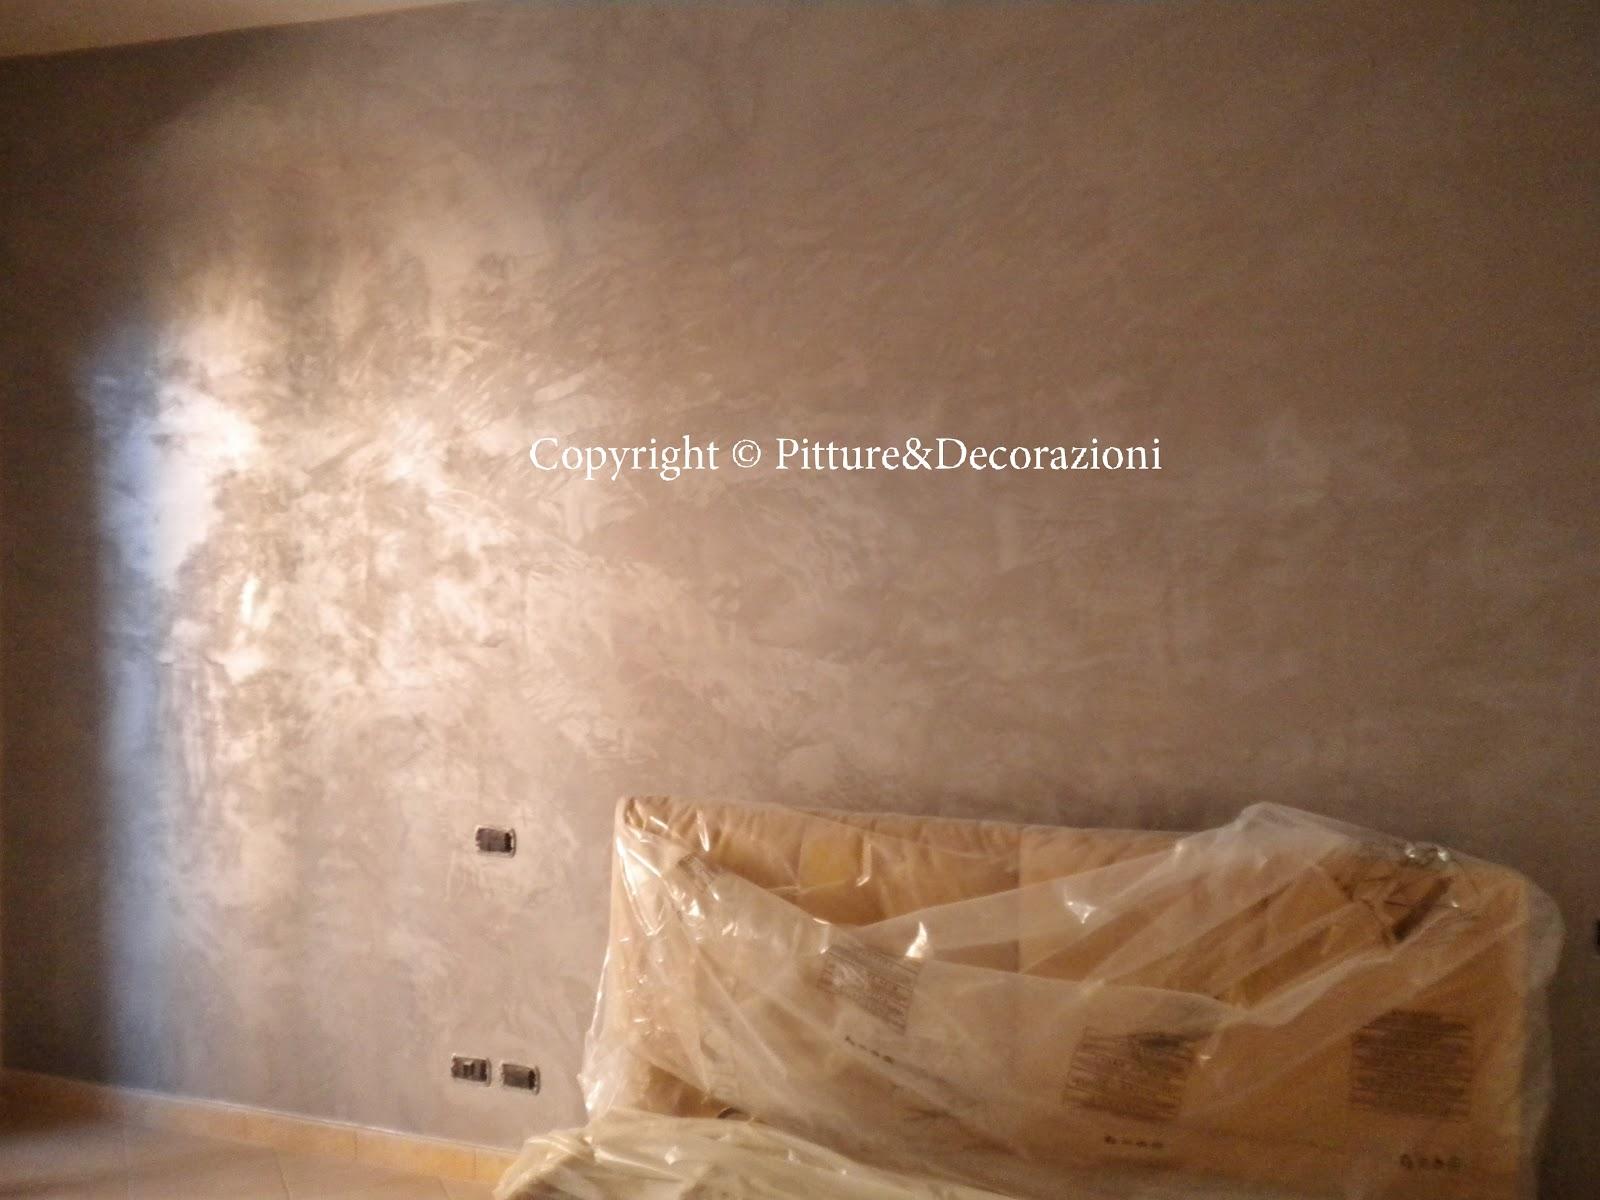 Pitture Per Pareti Glitterate : Pittura glitter leroy merlin. idee per pittura leroy merlin immagini